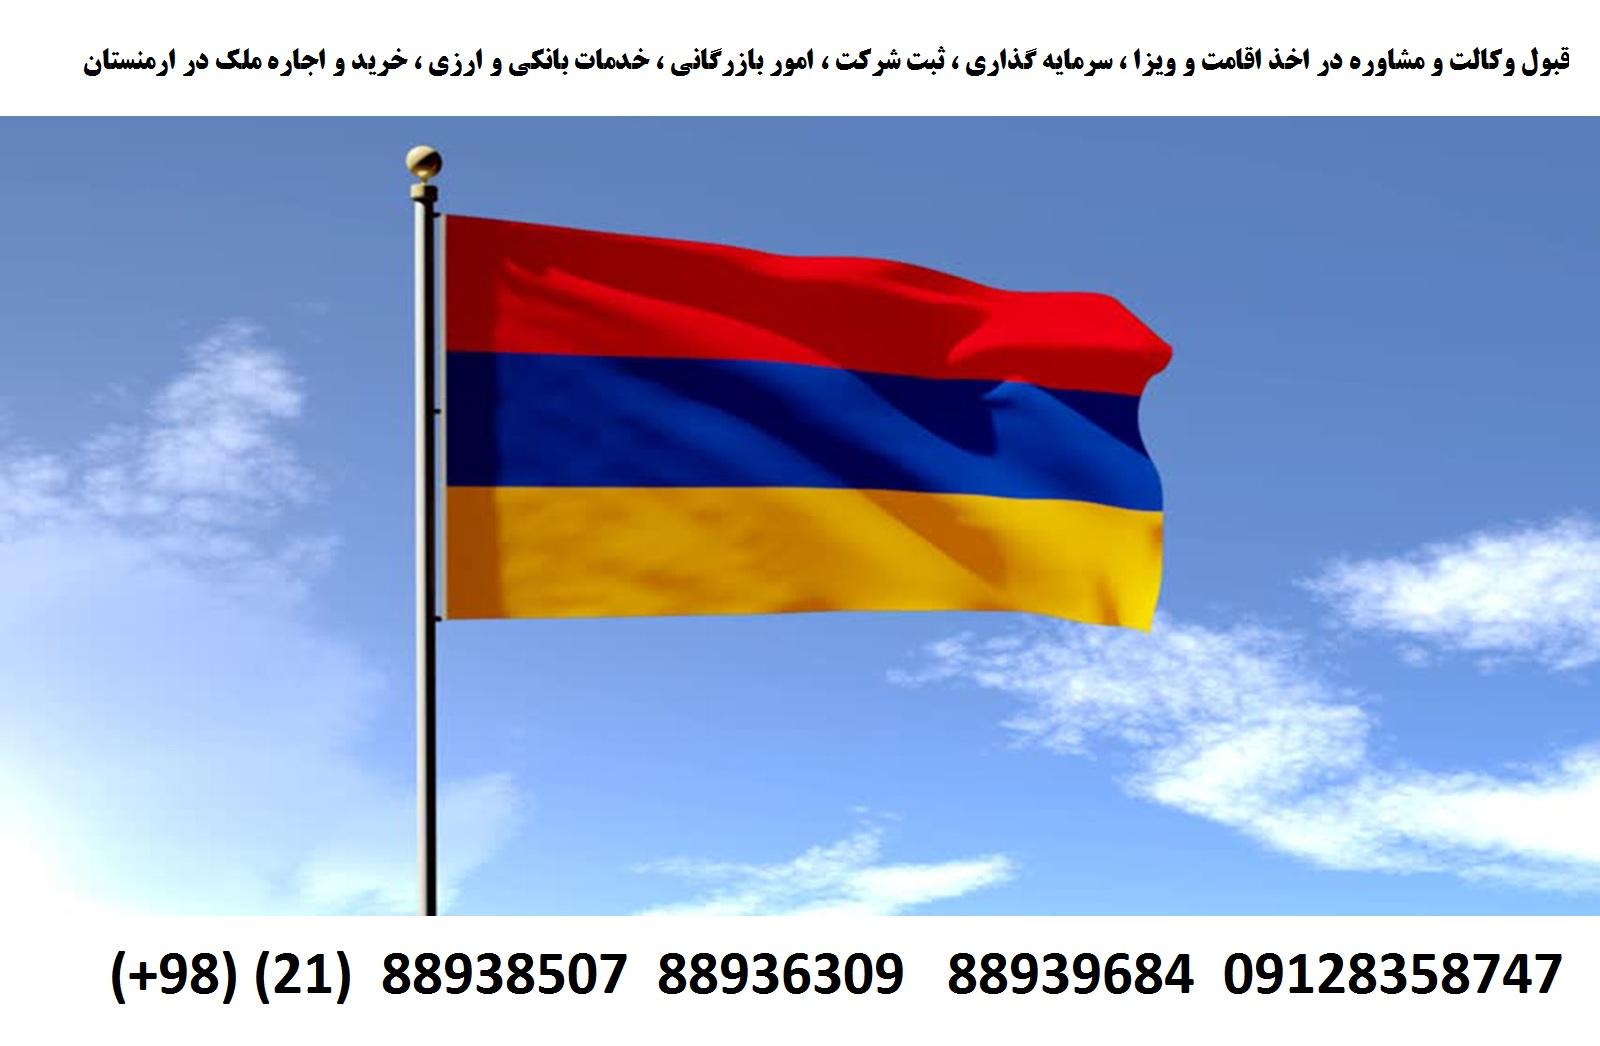 اقامت ، ویزا ، ثبت شرکت ، سرمایه گذاری در ارمنستان (1)